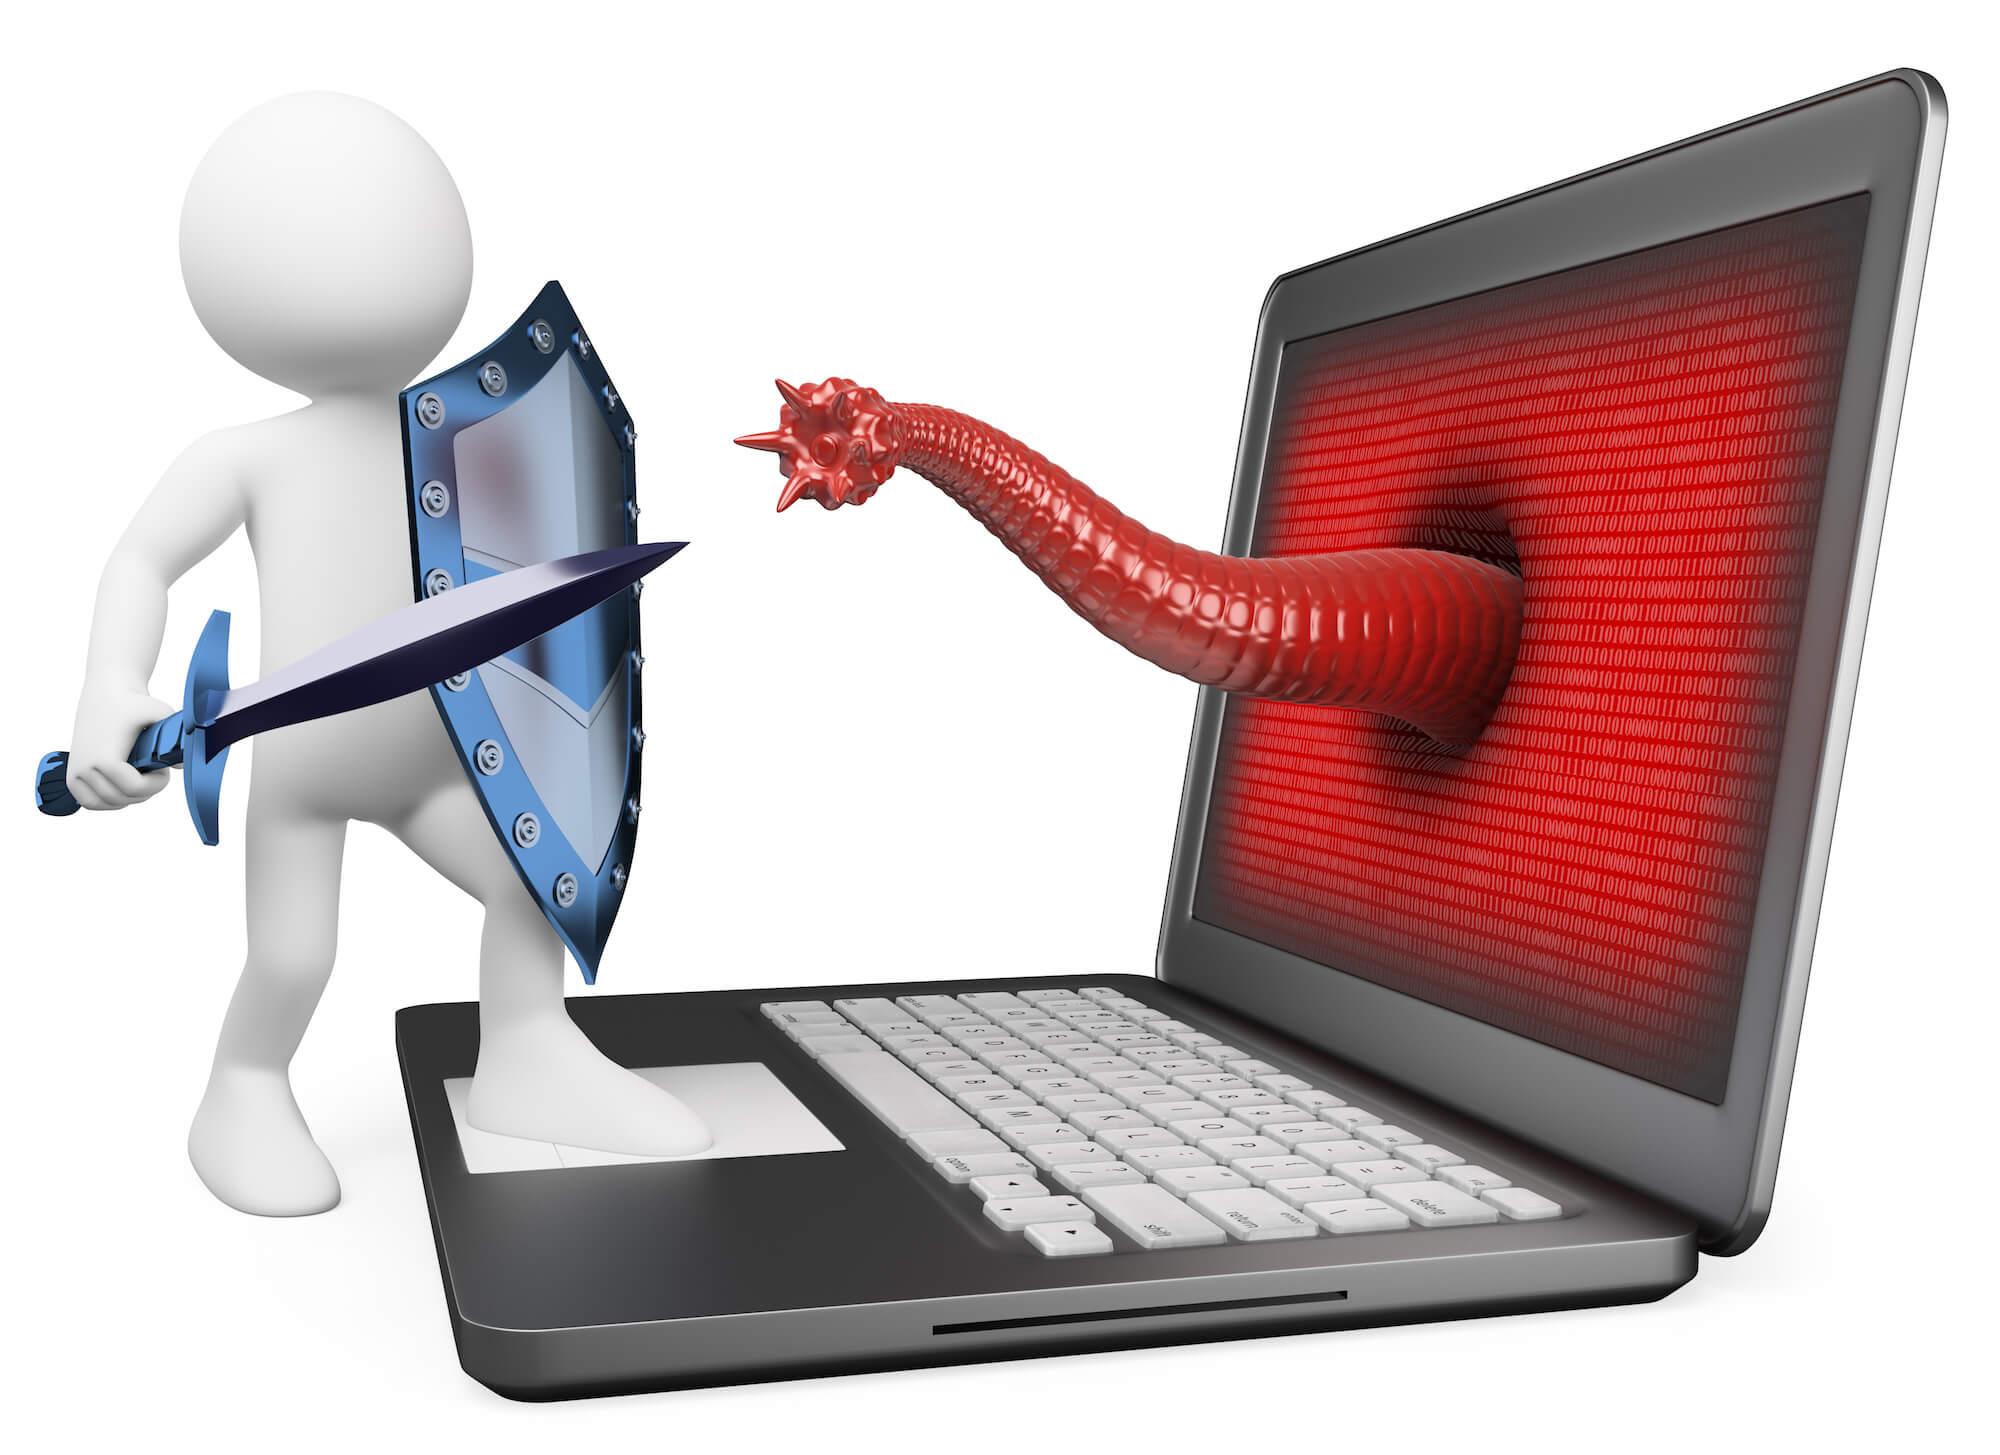 pogon-za-prywatnoscia Internet i pogoń za prywatnością i bezpieczeństwem